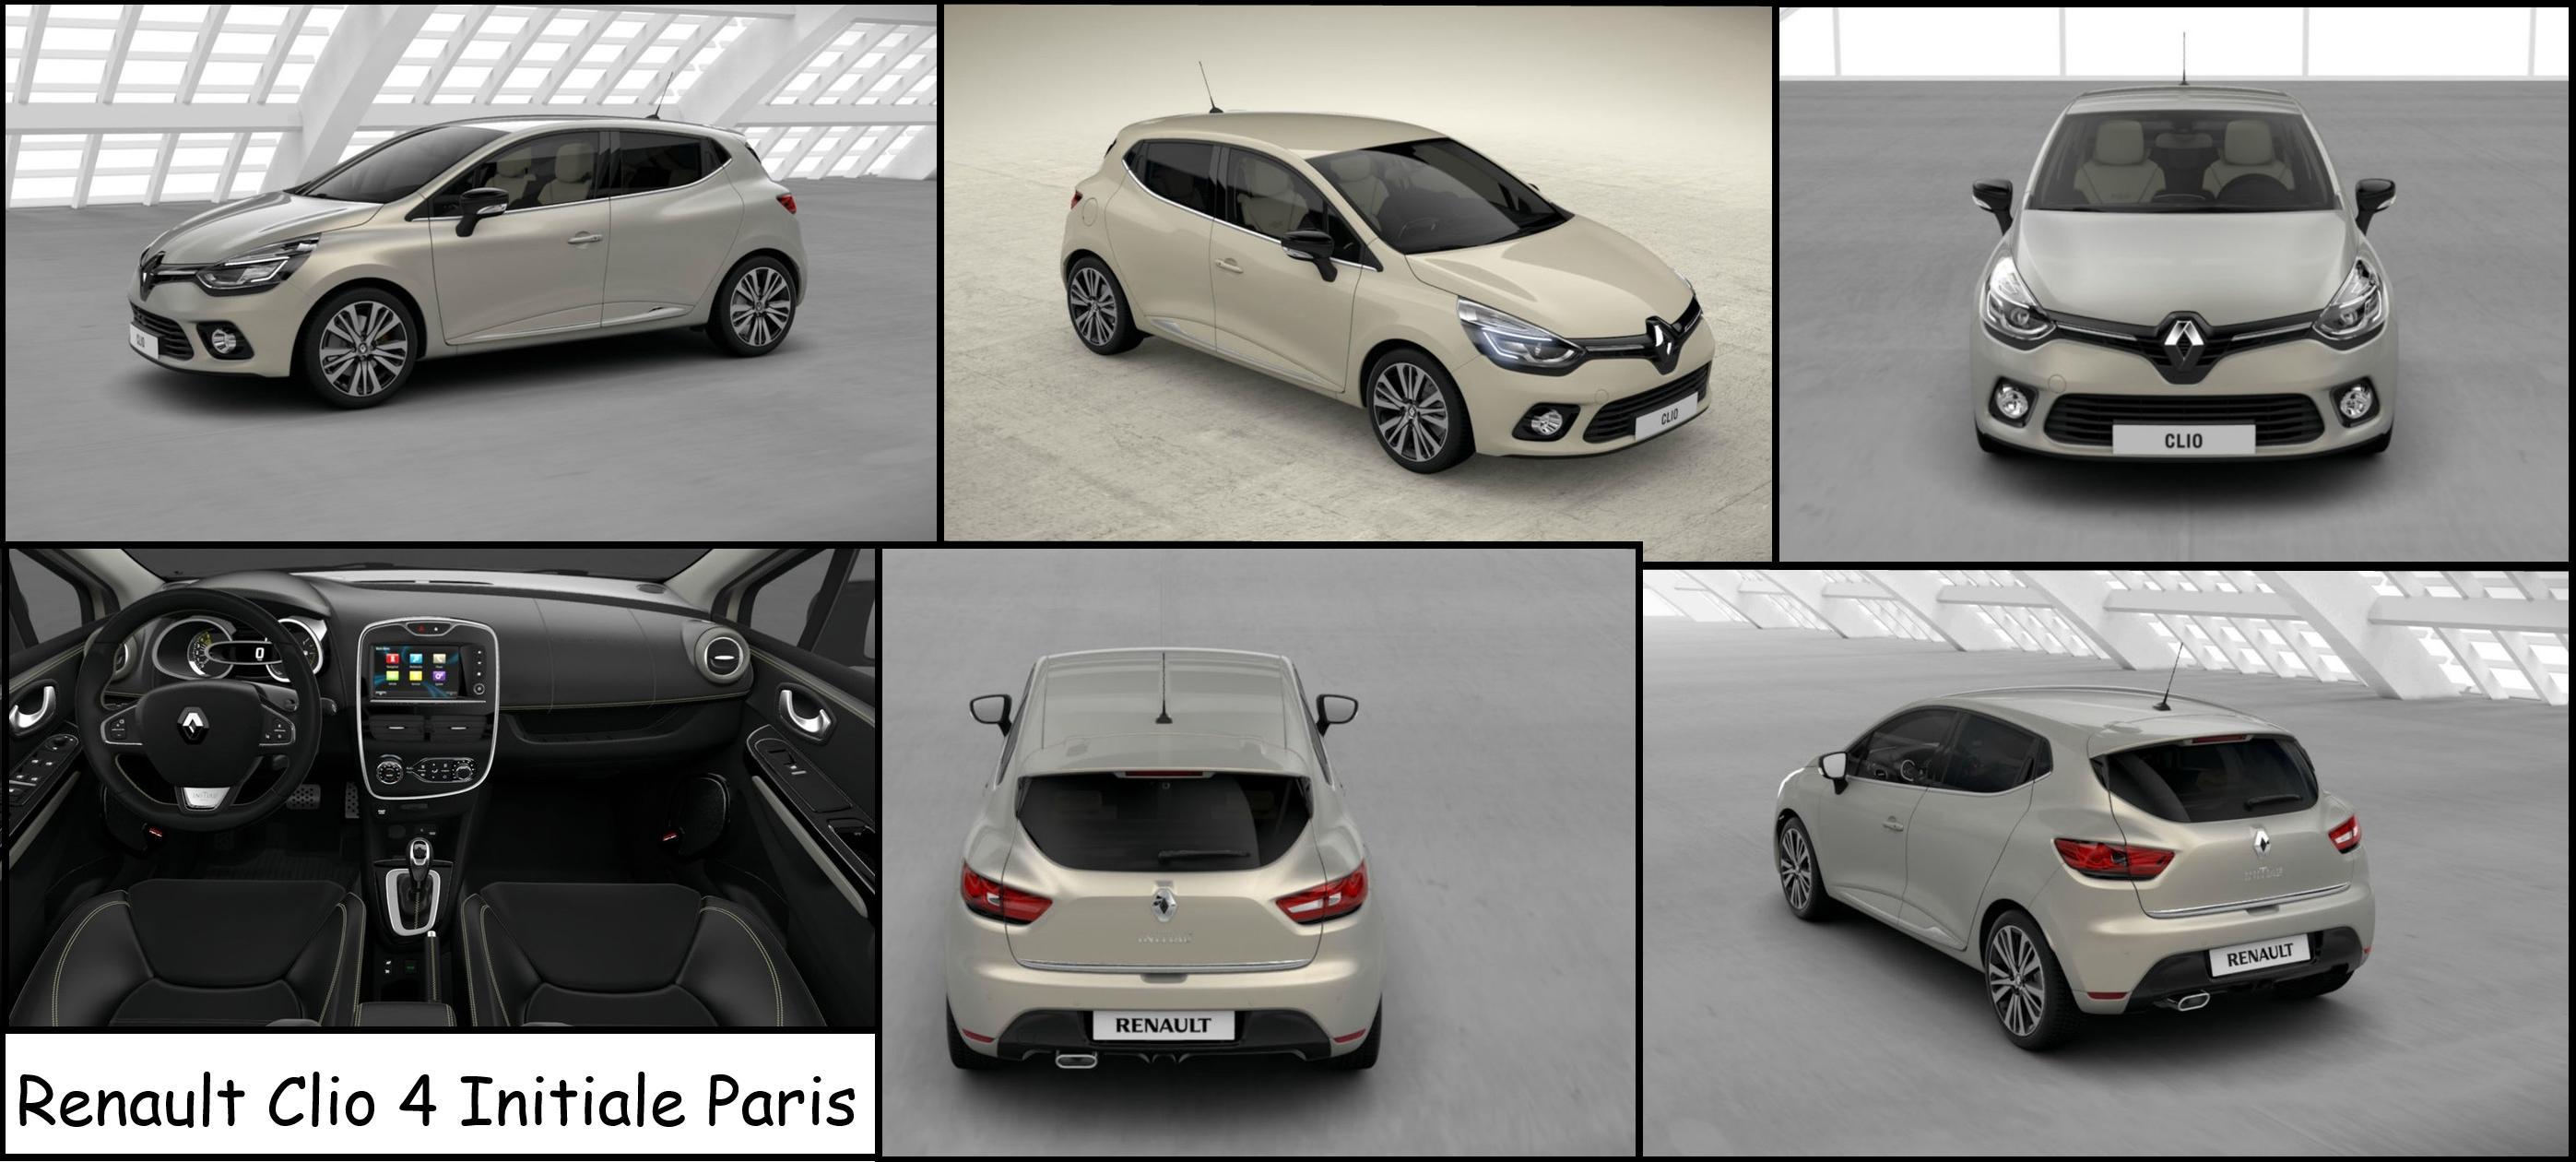 renault clio 4 initiale paris mondial de l 39 automobile de paris 2014. Black Bedroom Furniture Sets. Home Design Ideas